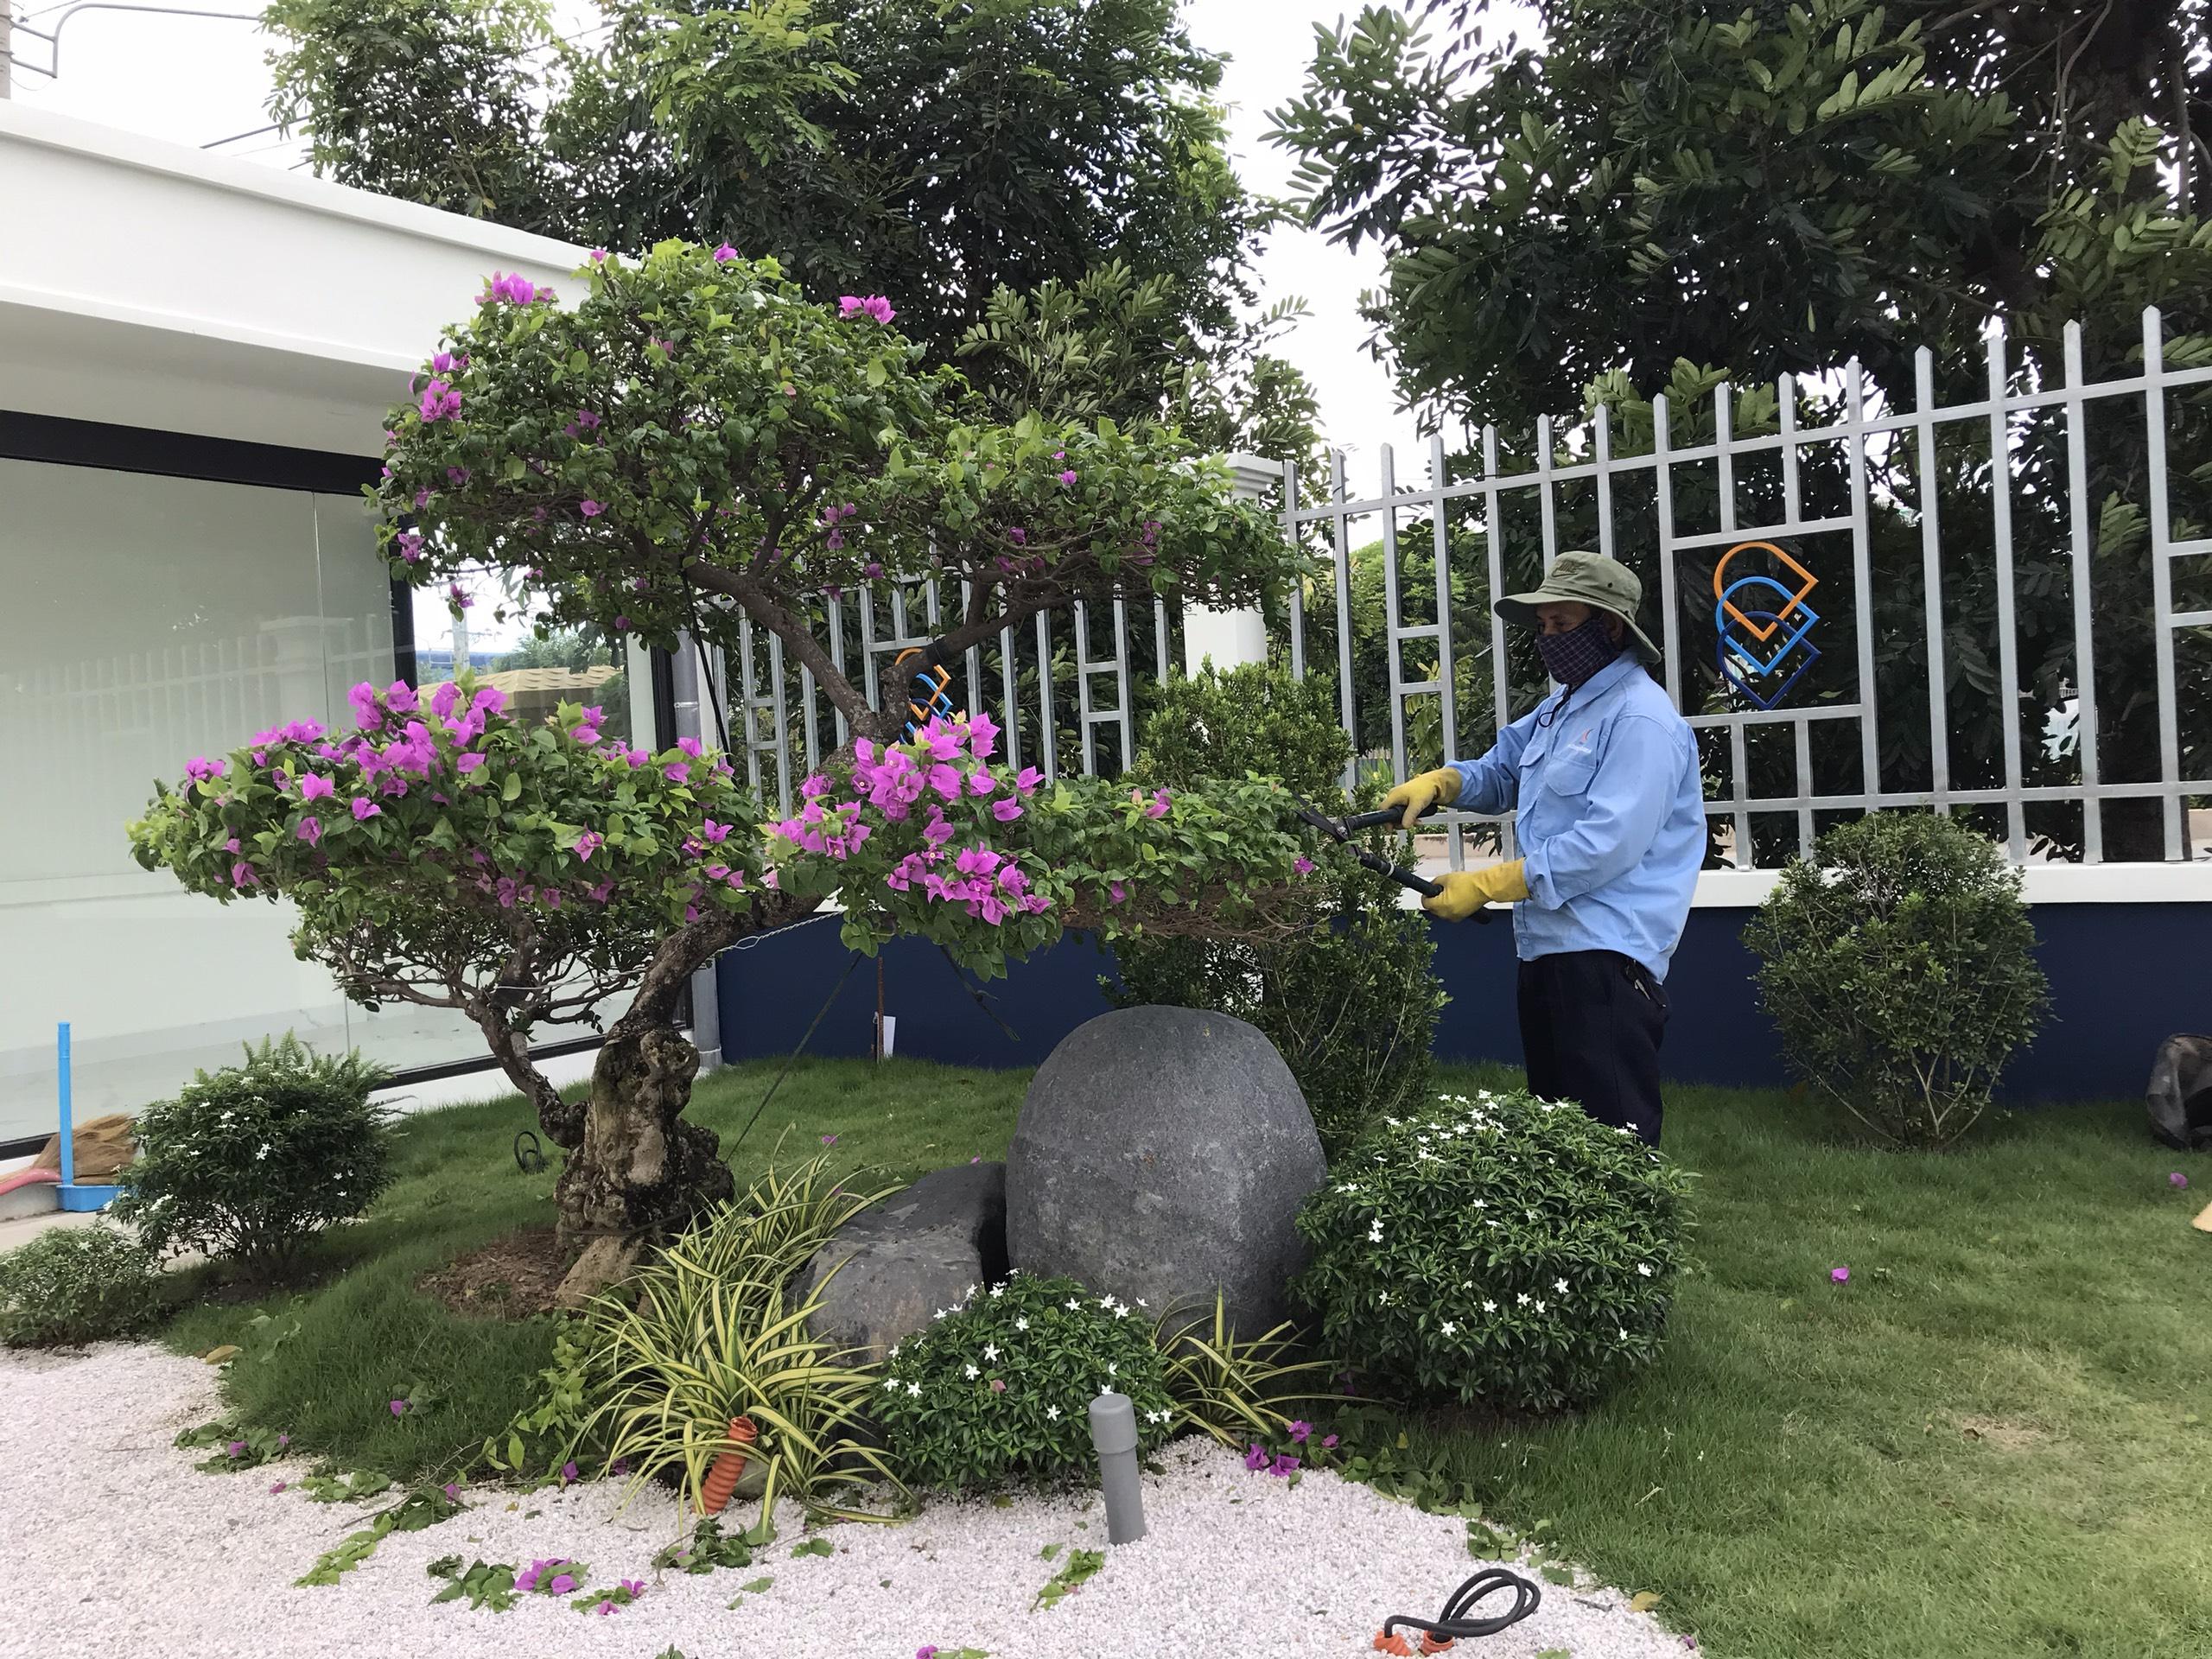 Quy trình chăm sóc cây xanh tại Tây Ninh chuyên nghiệp